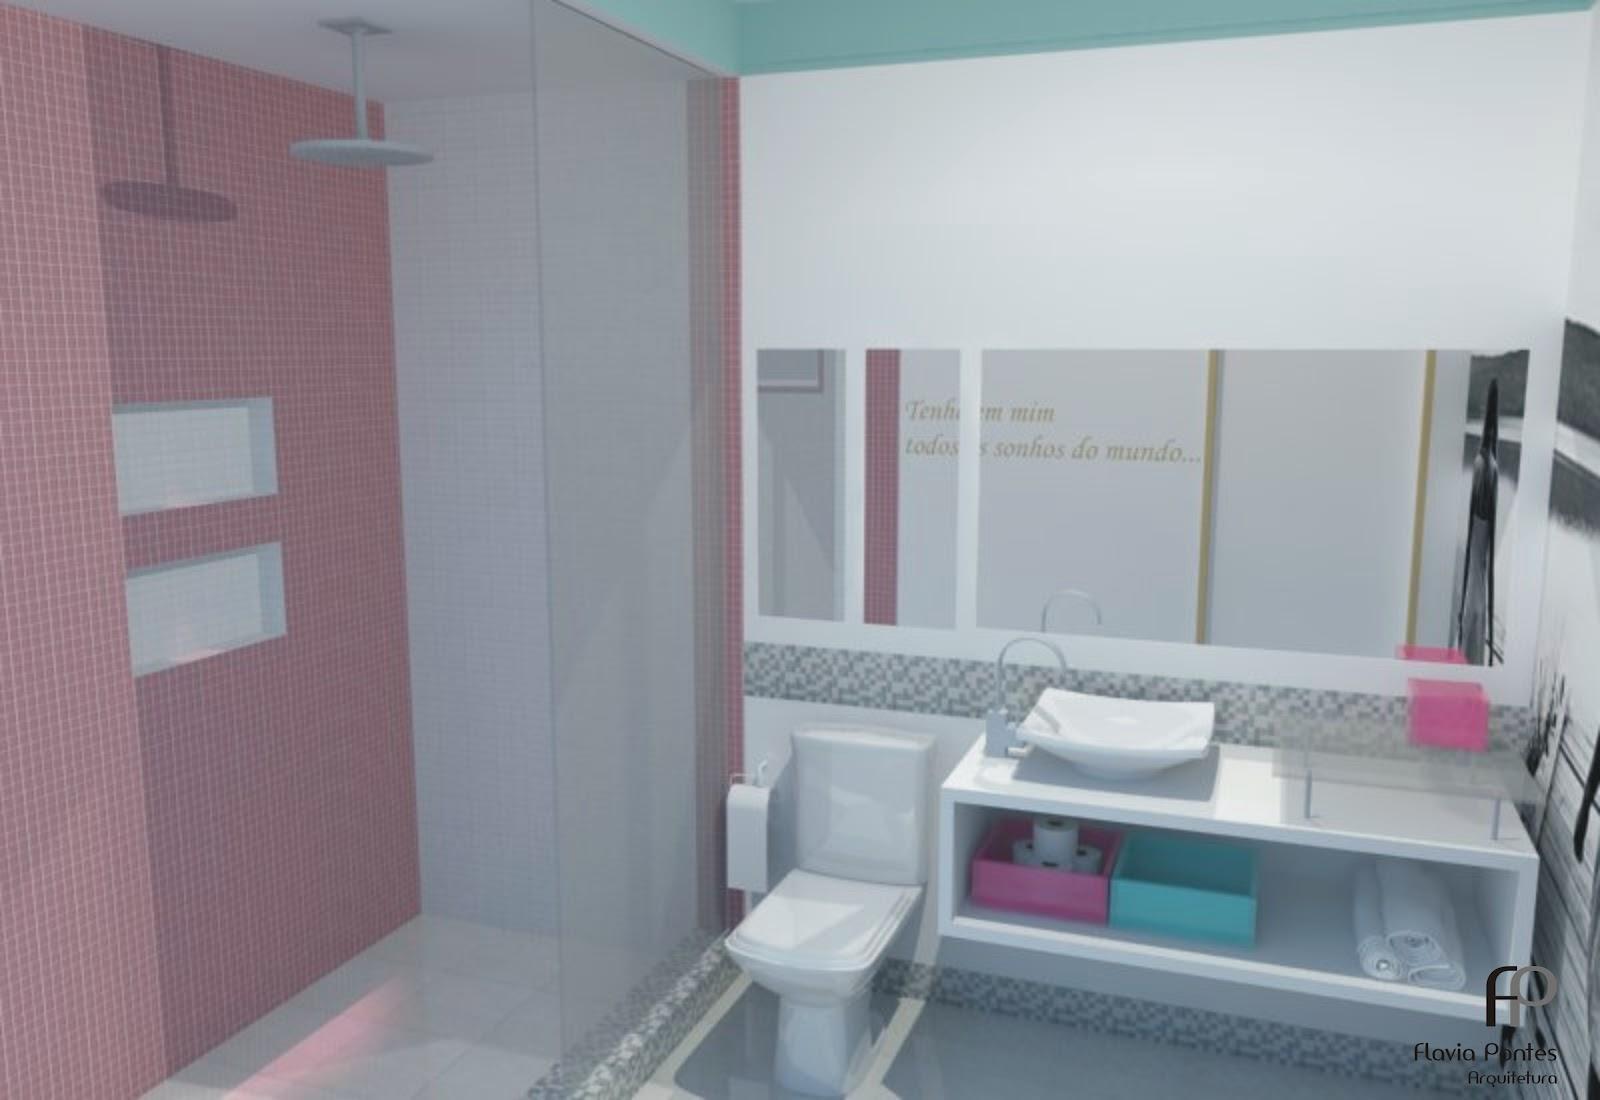 Postado por Flavia Pontes Arquitetura às 13:53 #7D4E63 1600x1100 Banheiro Com Azulejo No Teto